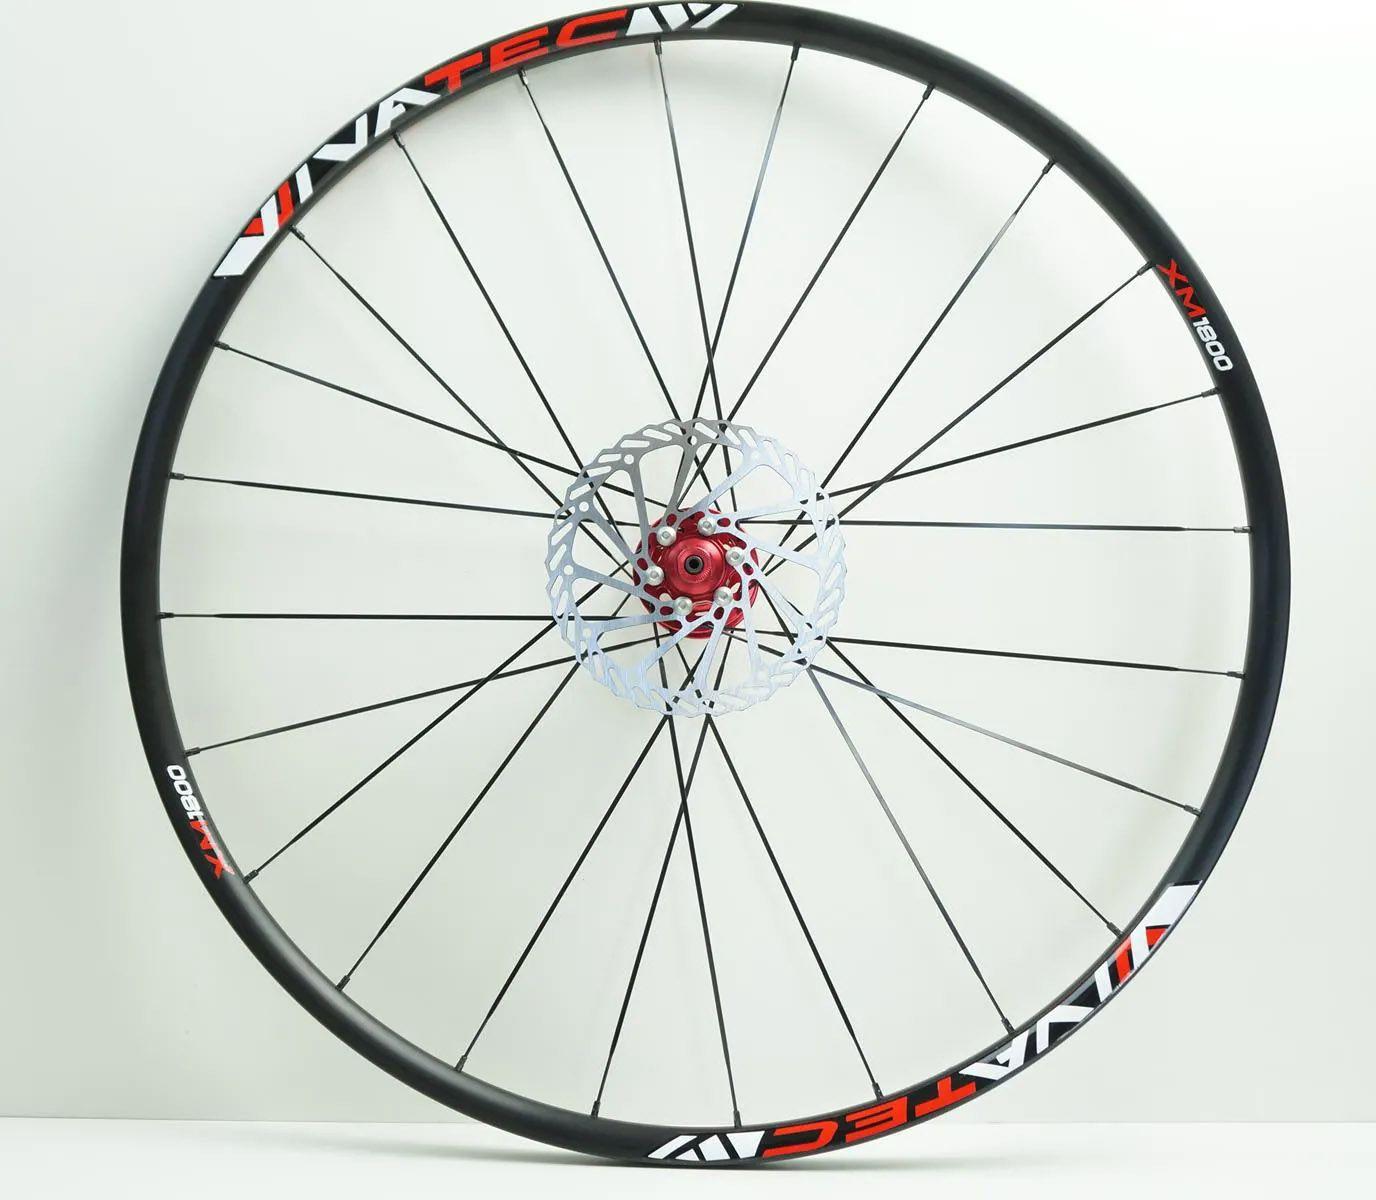 Rodas Vicinitech XM 1800 Disc Aro 29 Alumino Eixo 9 Preta com Cubo Vermelho